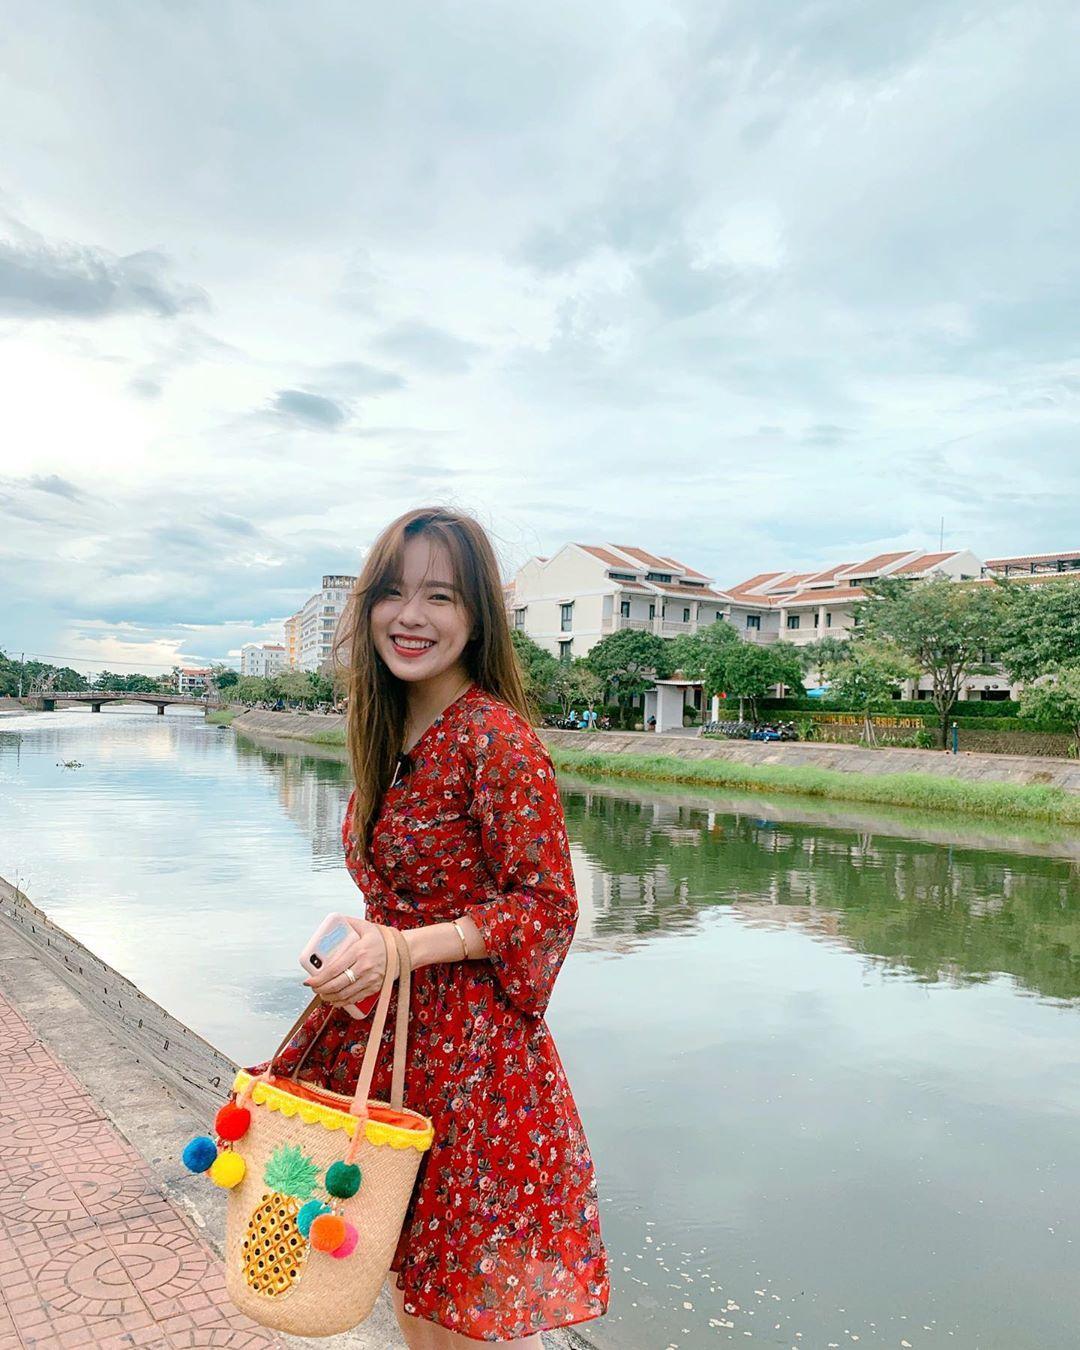 My nhan noi y Han Quoc thich mac do kin dao hinh anh 15 69801330_508159213084464_6307333162189972730_n.jpg